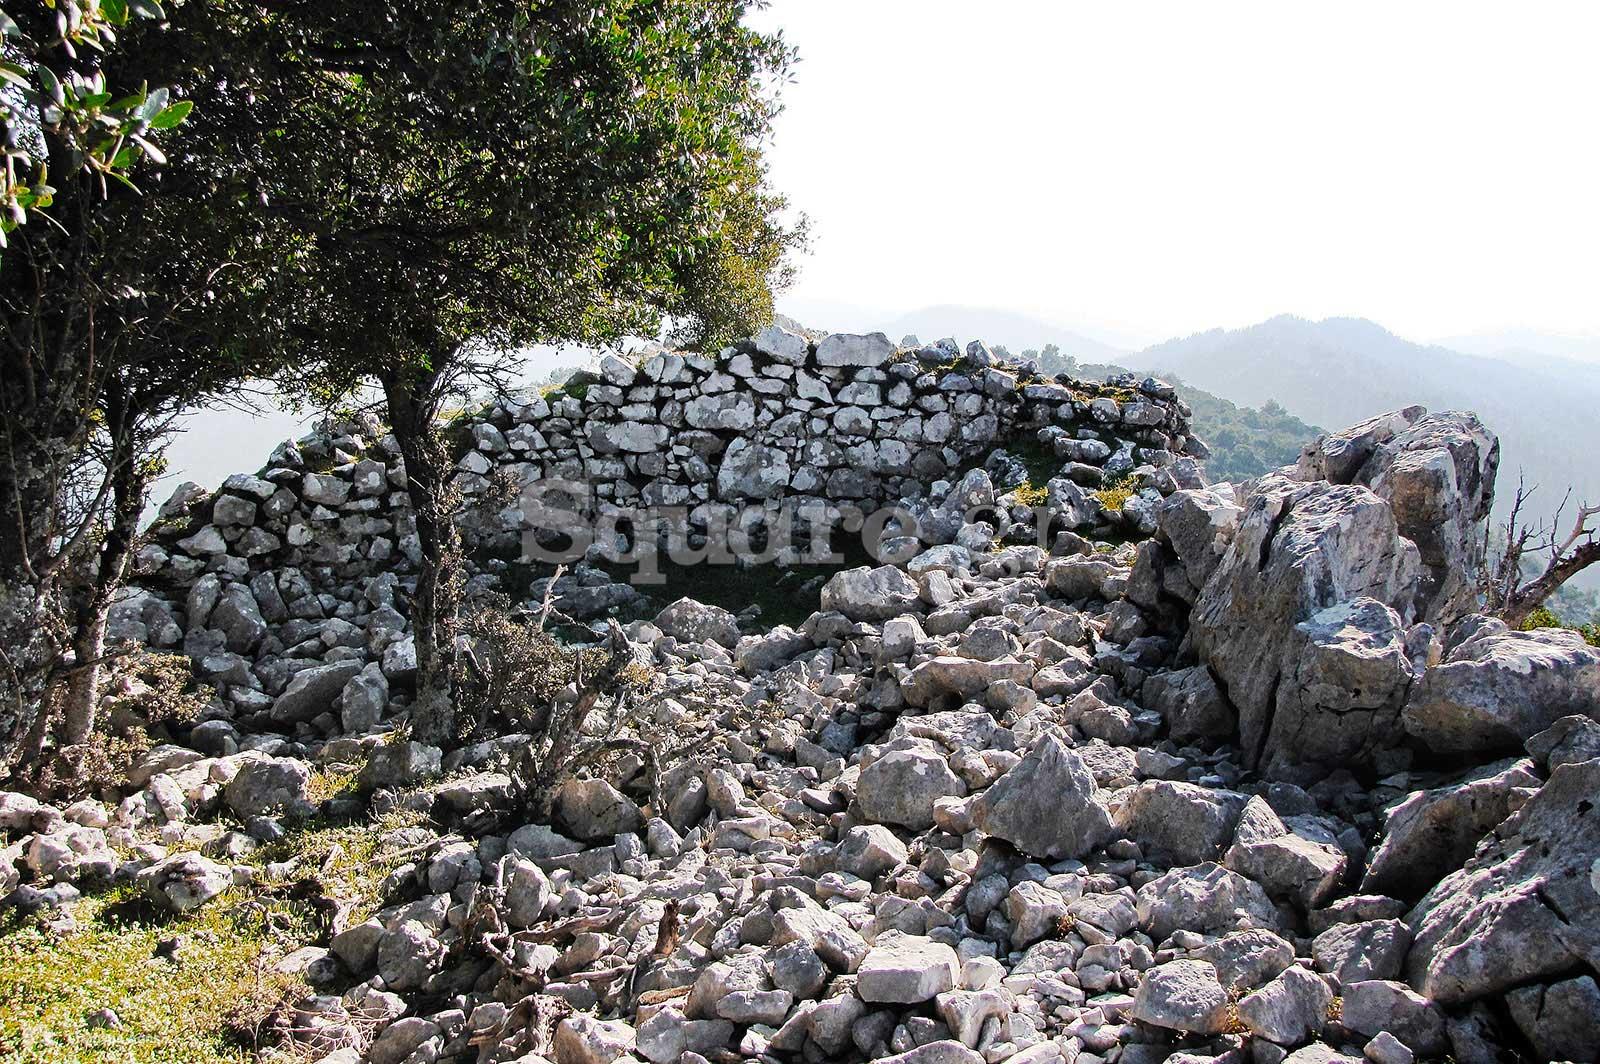 8-Τμήμα-των-νοτιοανατολικών-τειχών-του-μεσαίου-περιβόλου